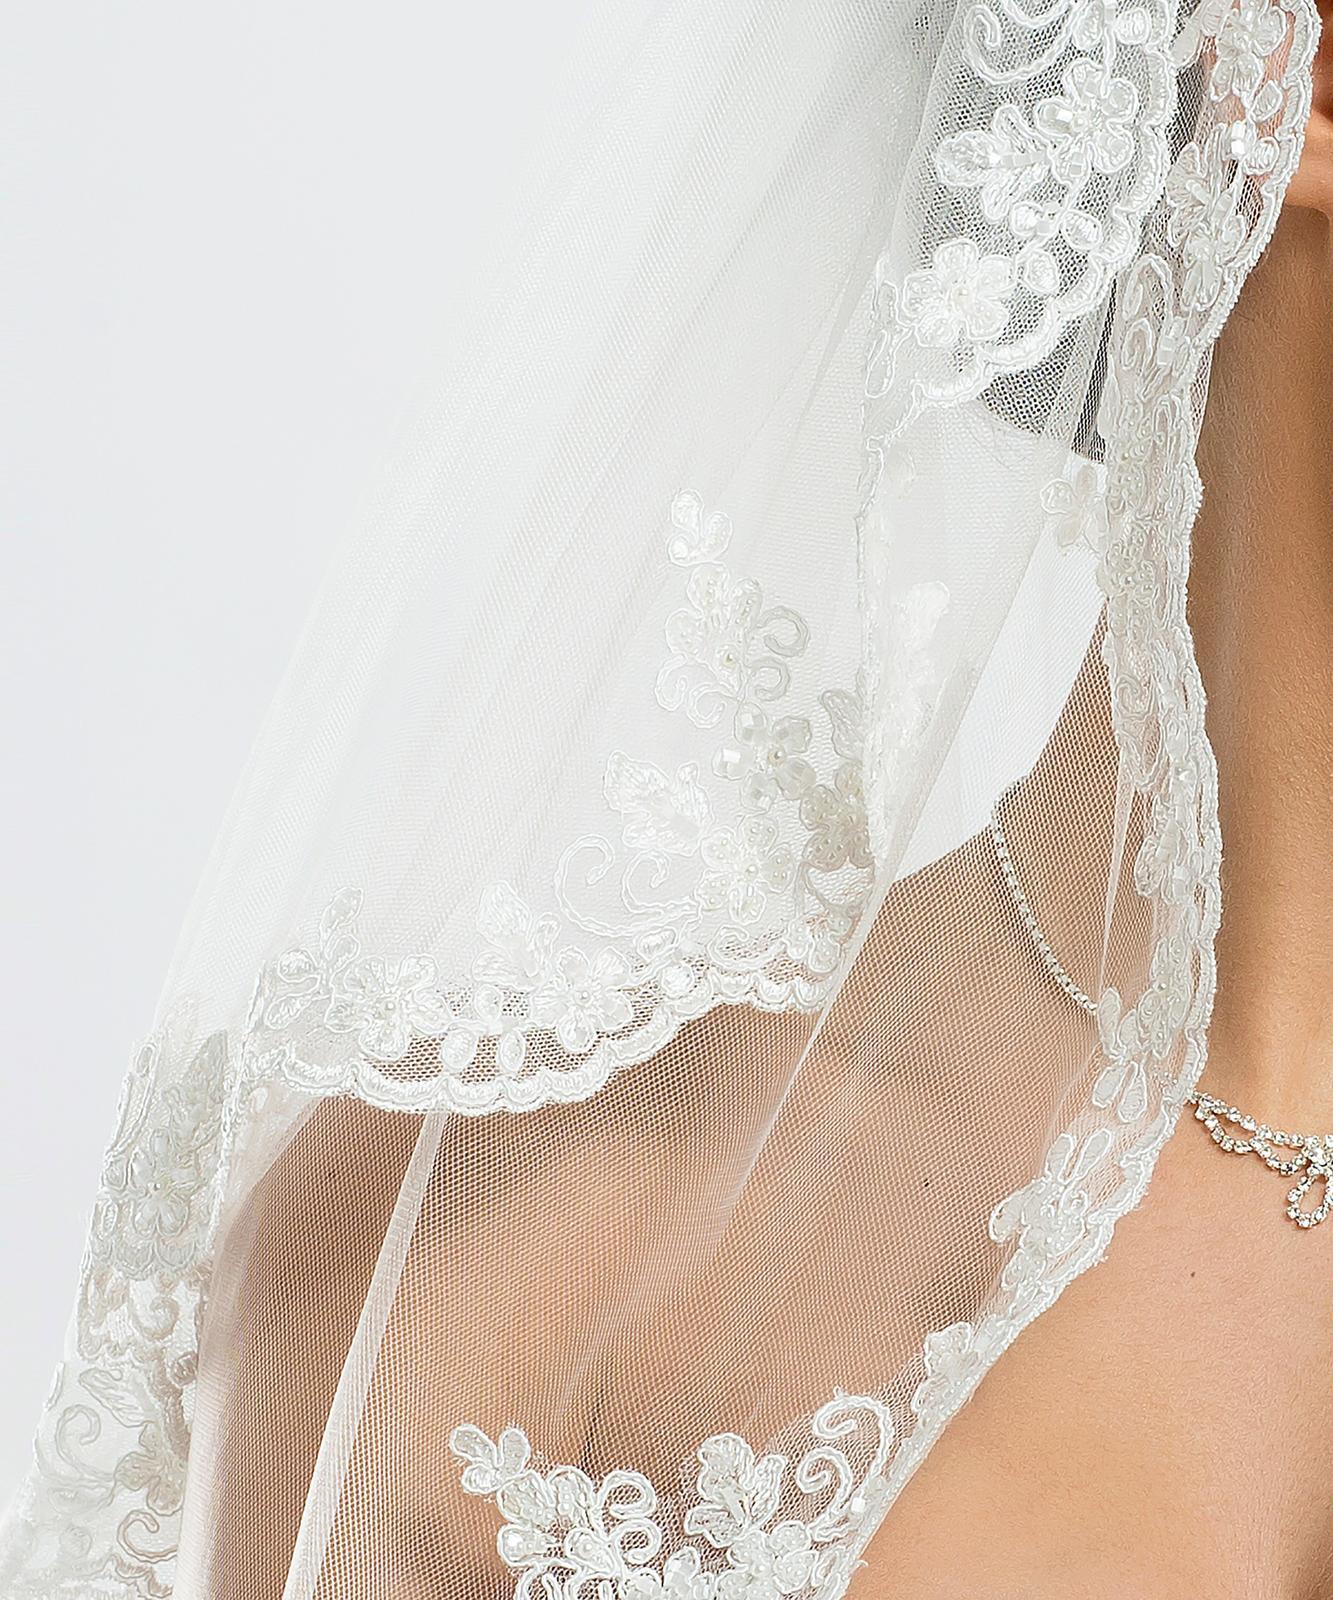 Španielsky svadobný závoj - Obrázok č. 2